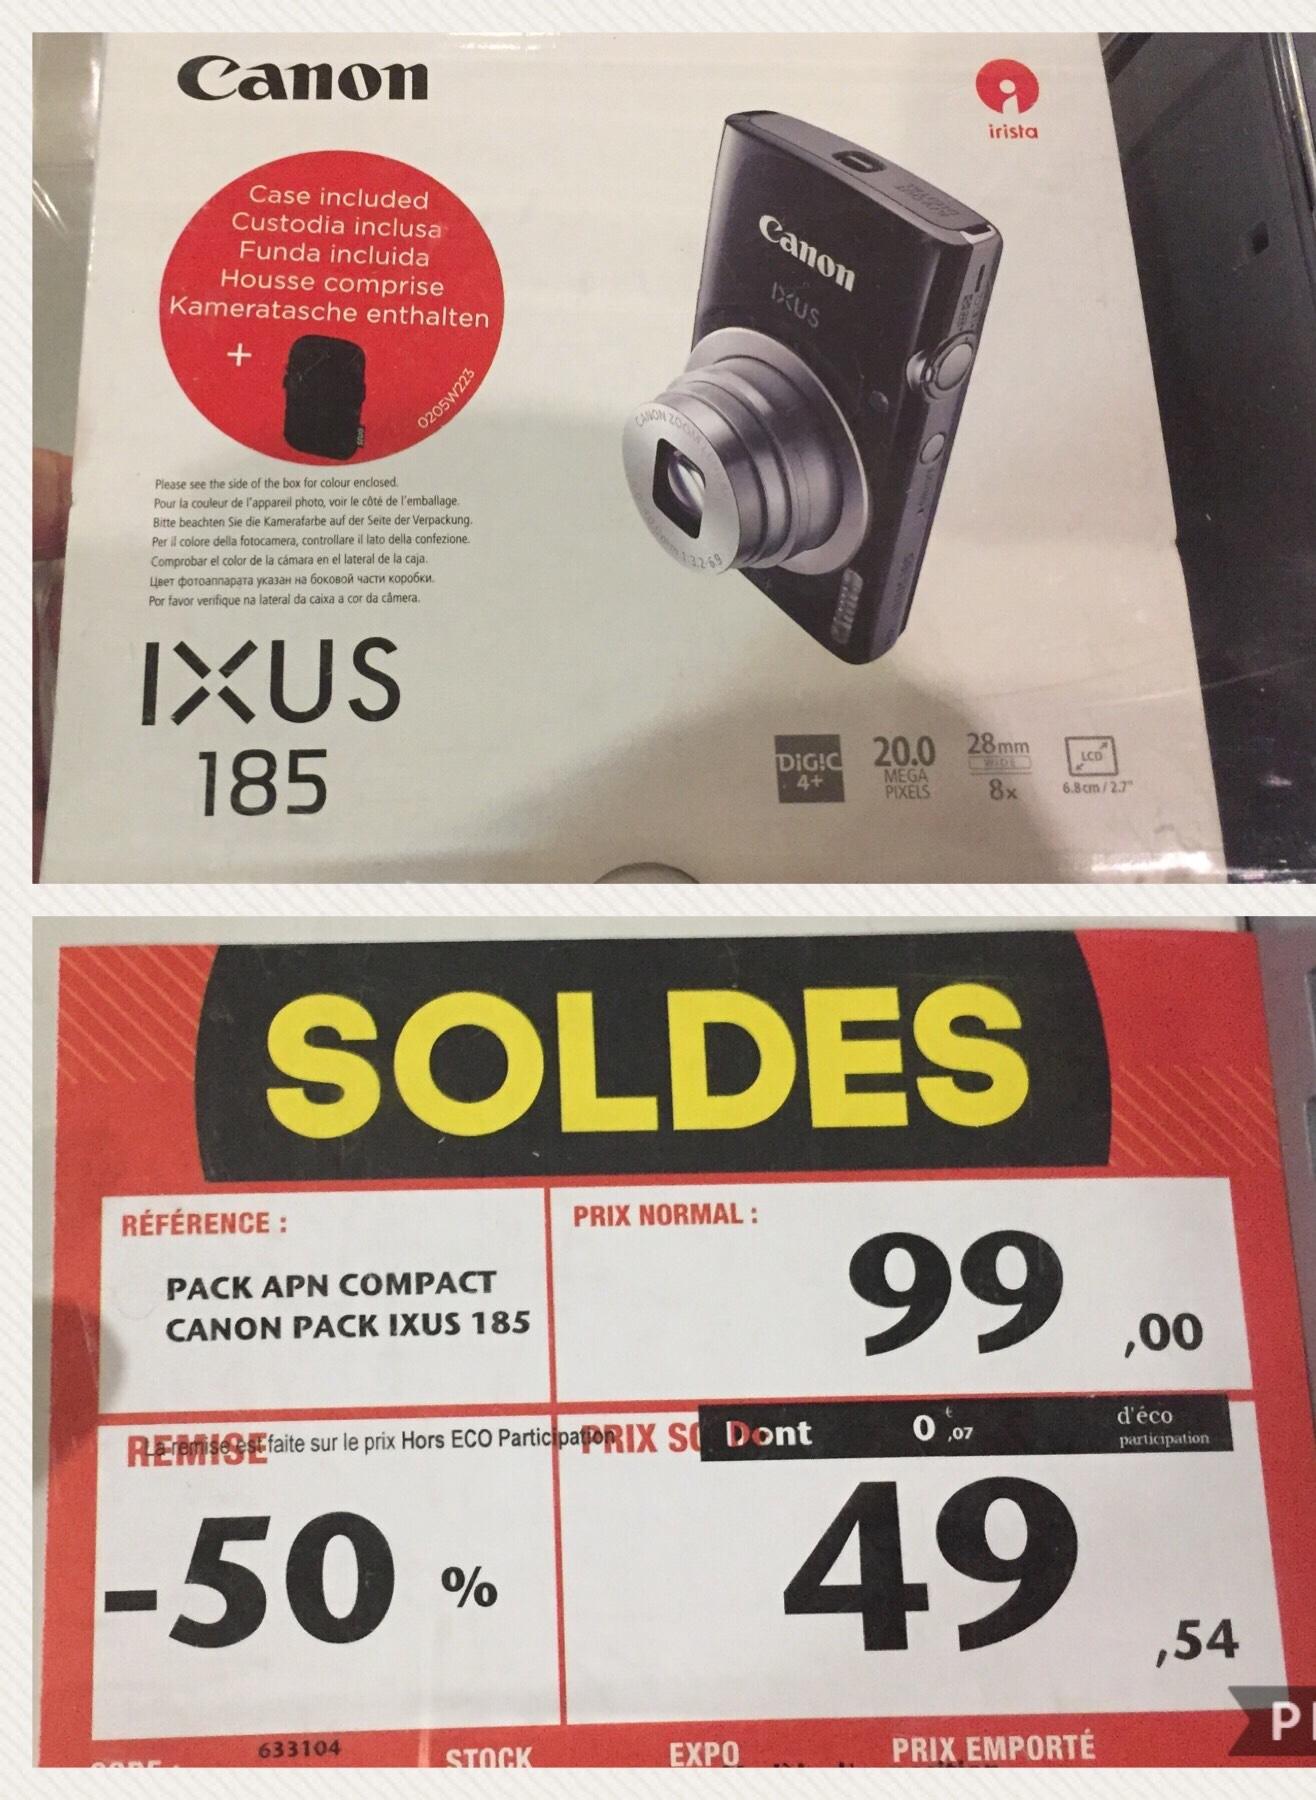 Appareil photo Canon Compact IXUS 185 - Paris Etoile (75)